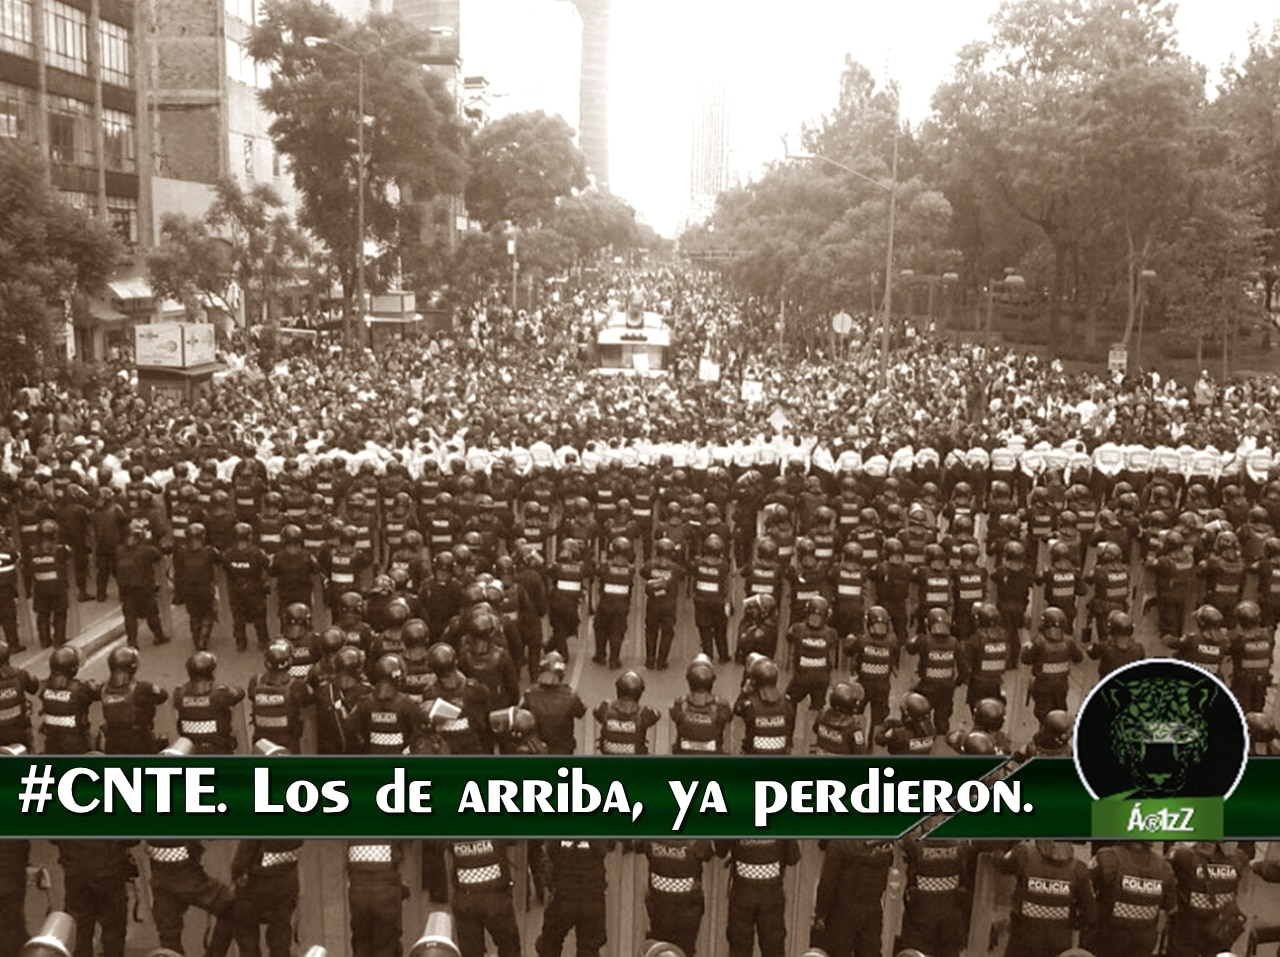 La #MarchaCNTE. ¡Apoyo a nuestros profes!